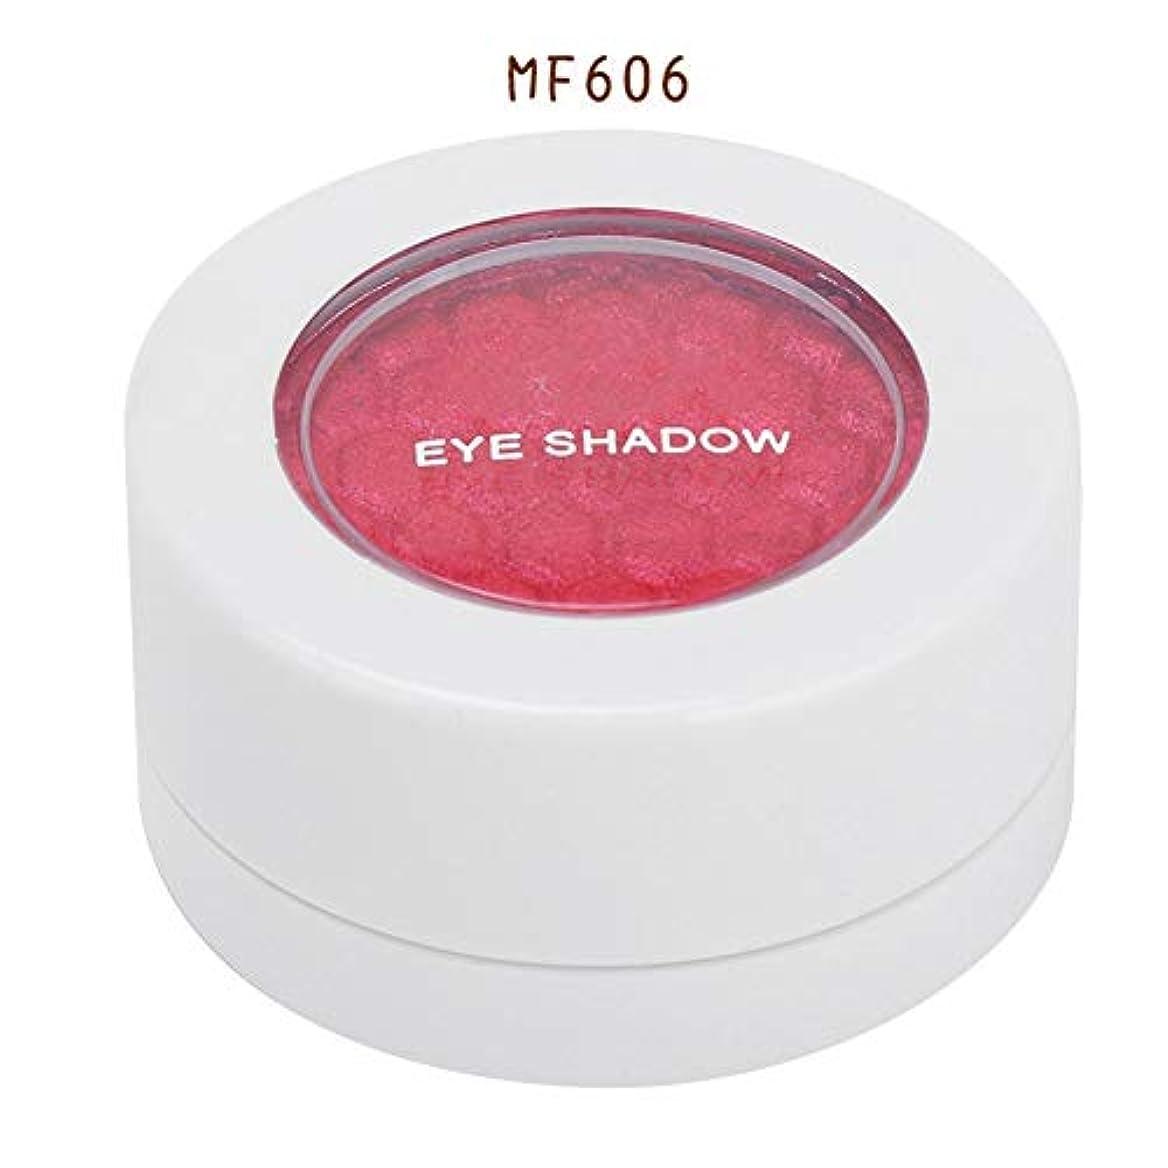 ぼろリスキーな維持4色 アイシャドウパレット アイシャドウパレット 化粧品ツール 化粧マットグロス アイシャドウパウダー (MF606)